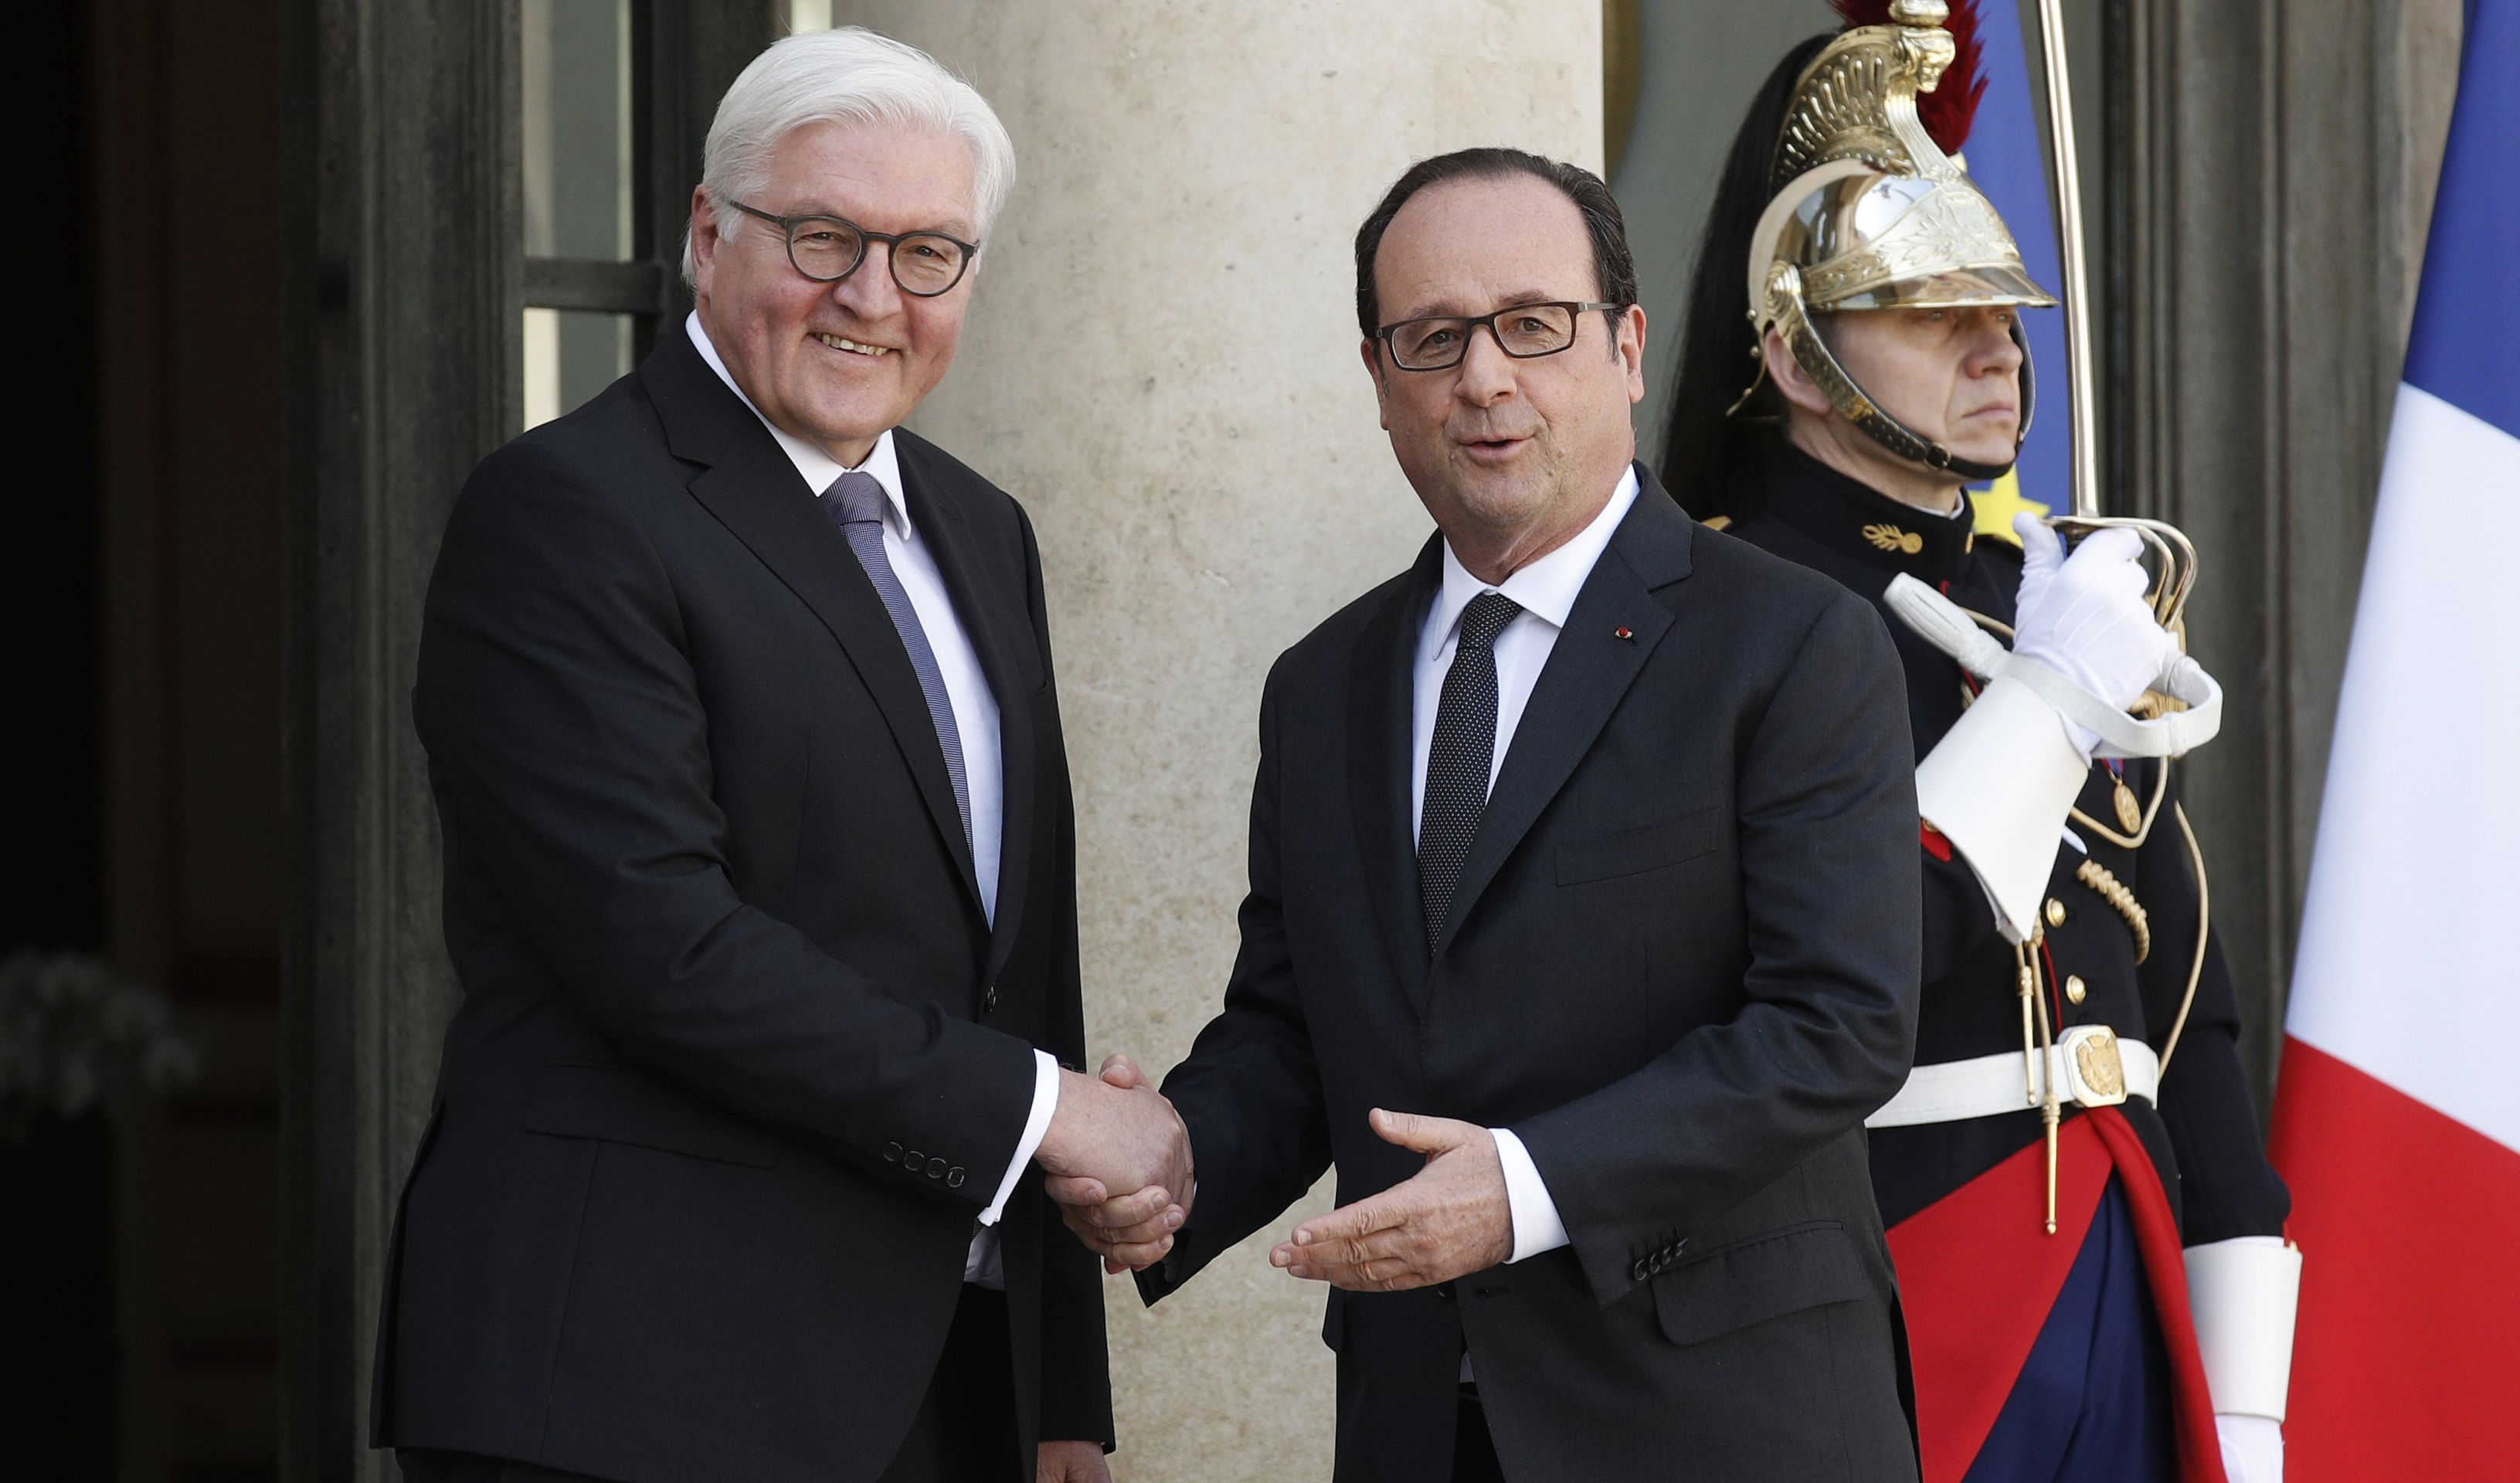 HOLLANDE Francuska i Njemačka trebaju usmjeravati EU nakon Brexita